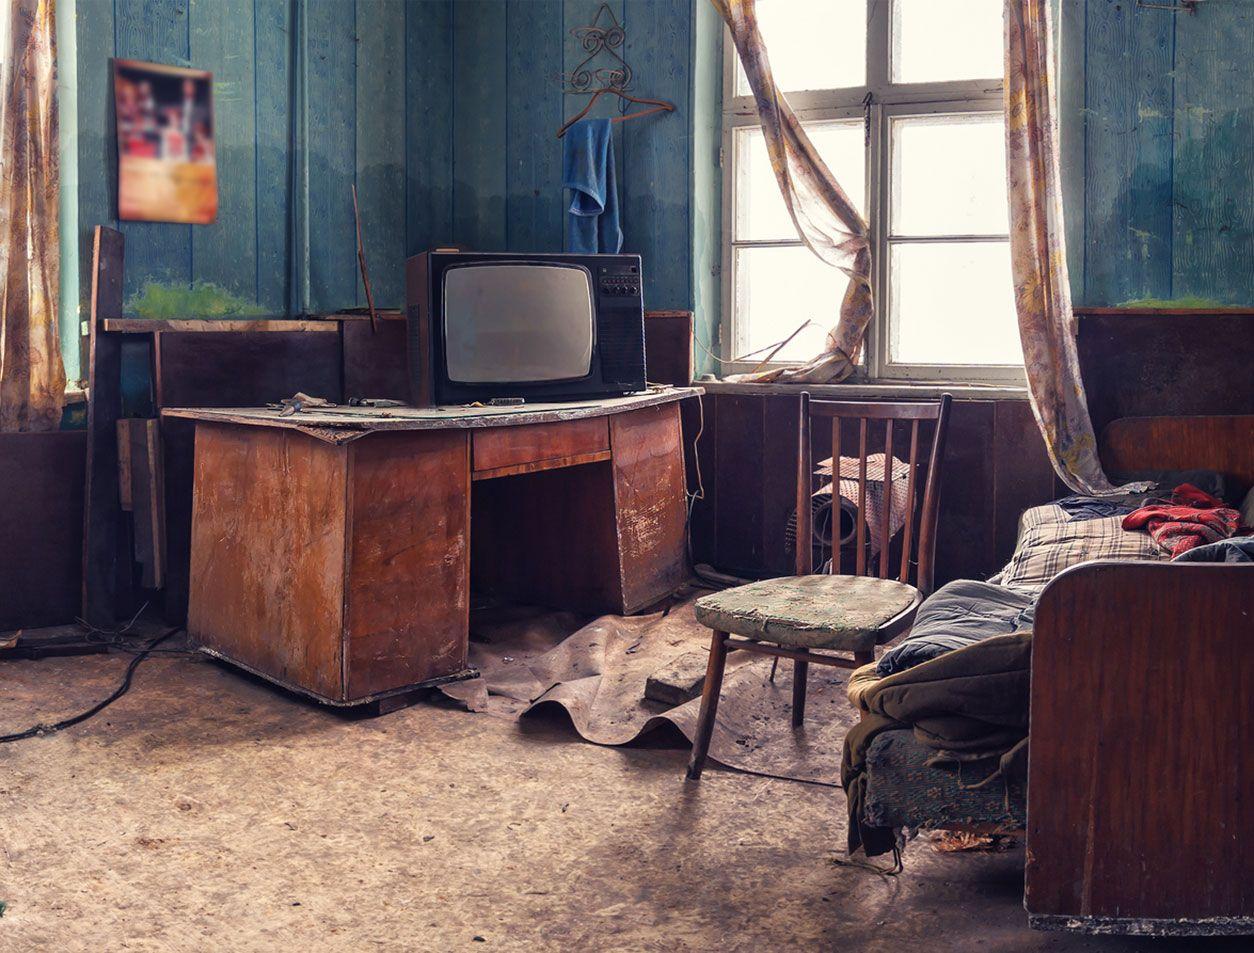 Habitación abandonada